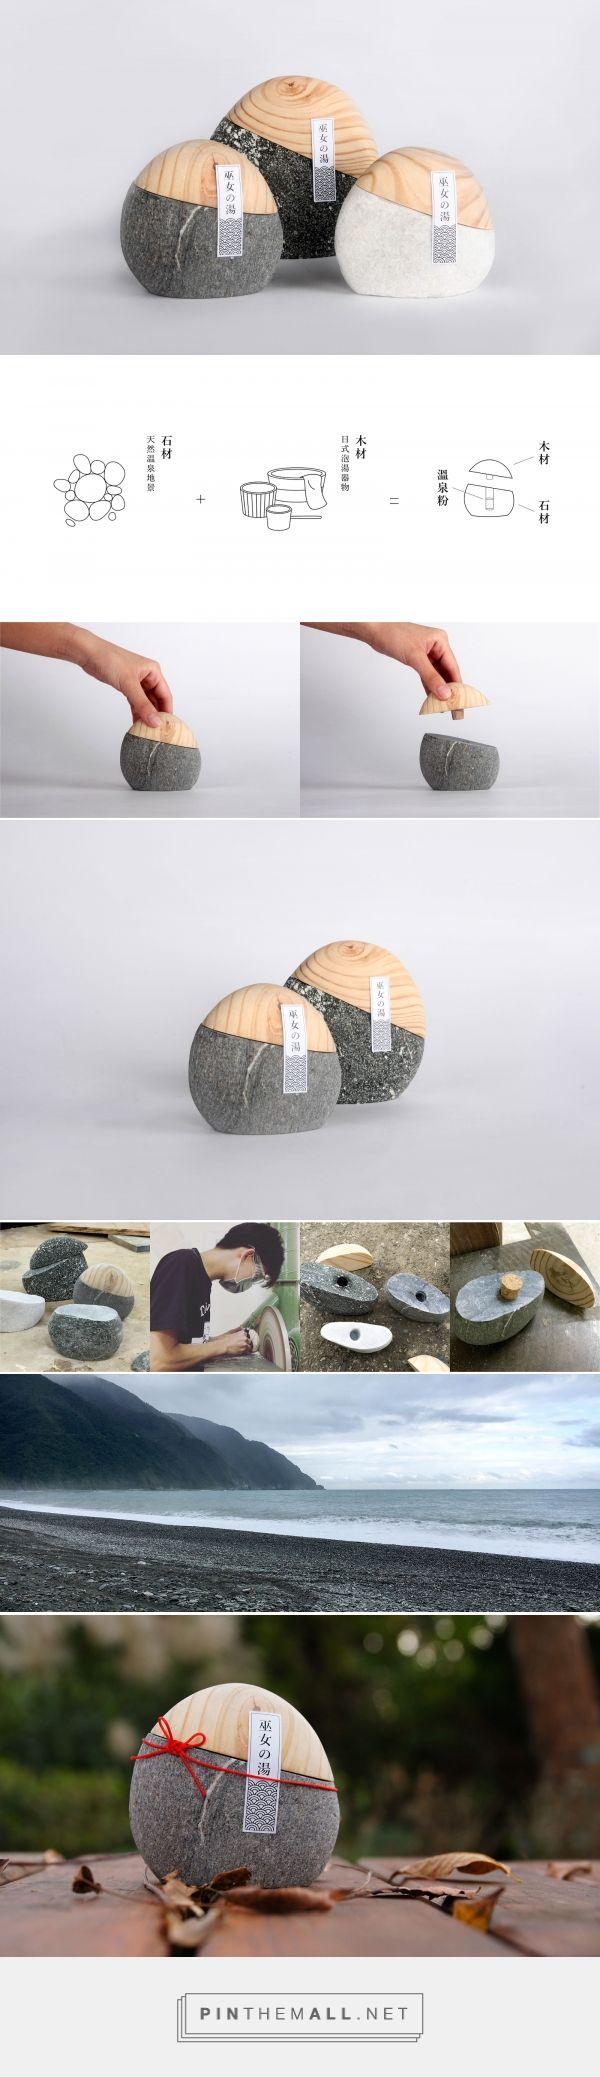 이런것도 팔리는구나... Miko No Yu hot spring powder packaging design concept by Chiun Hau You - http://www.packagingoftheworld.com/2017/01/miko-no-yu-bath-powder.html